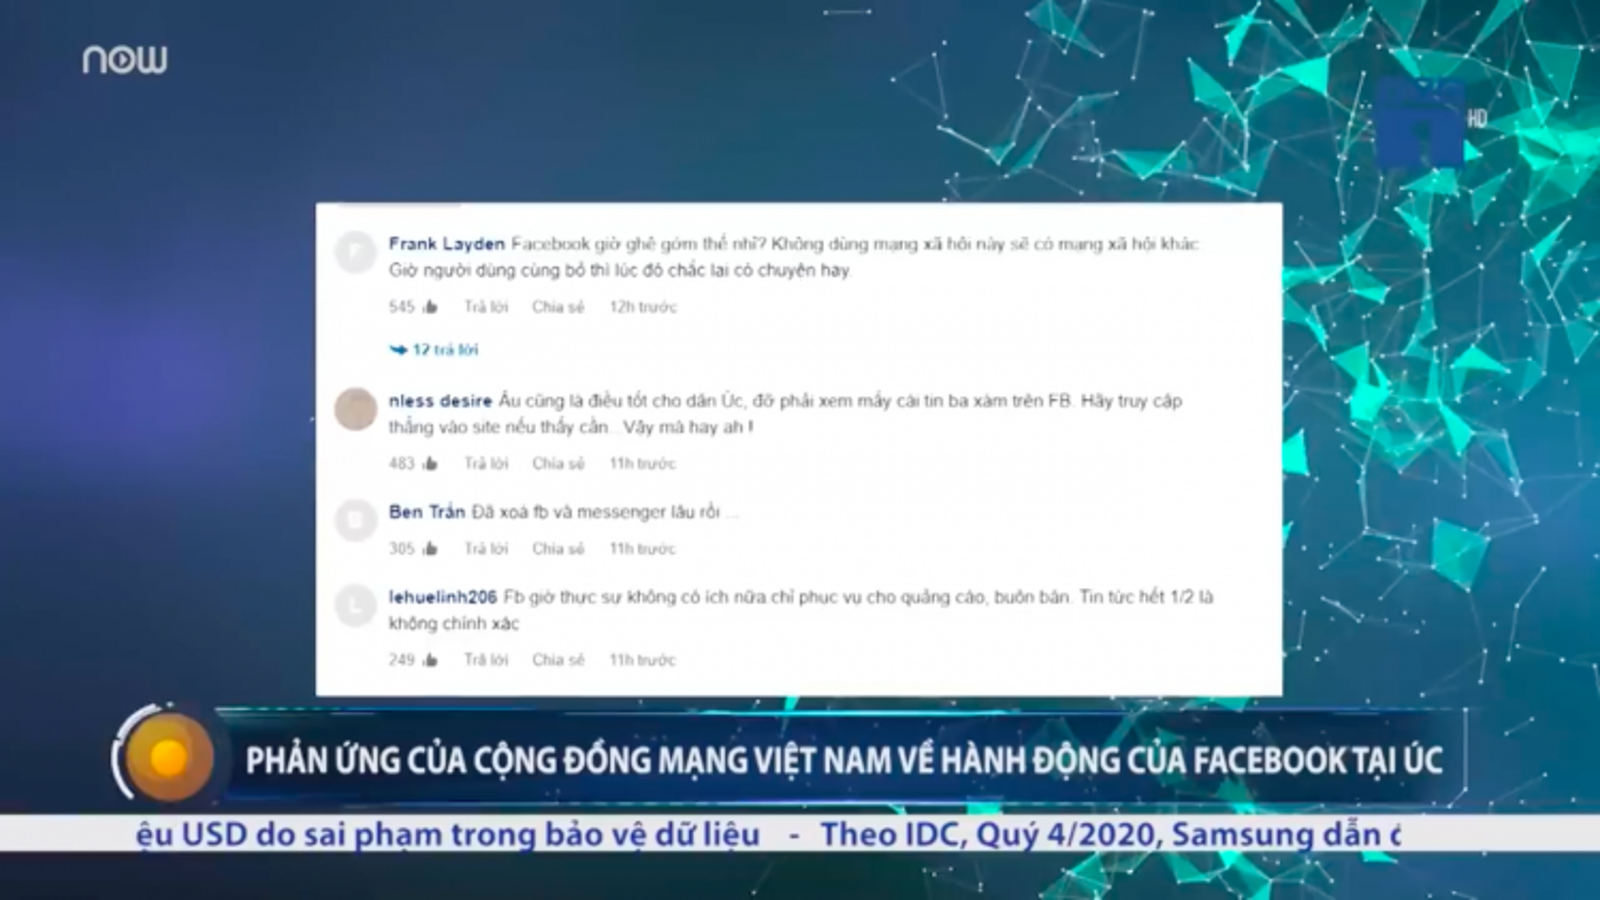 Cộng đồng mạng Việt Nam phản ứng về hành động của Facebook tại Australia